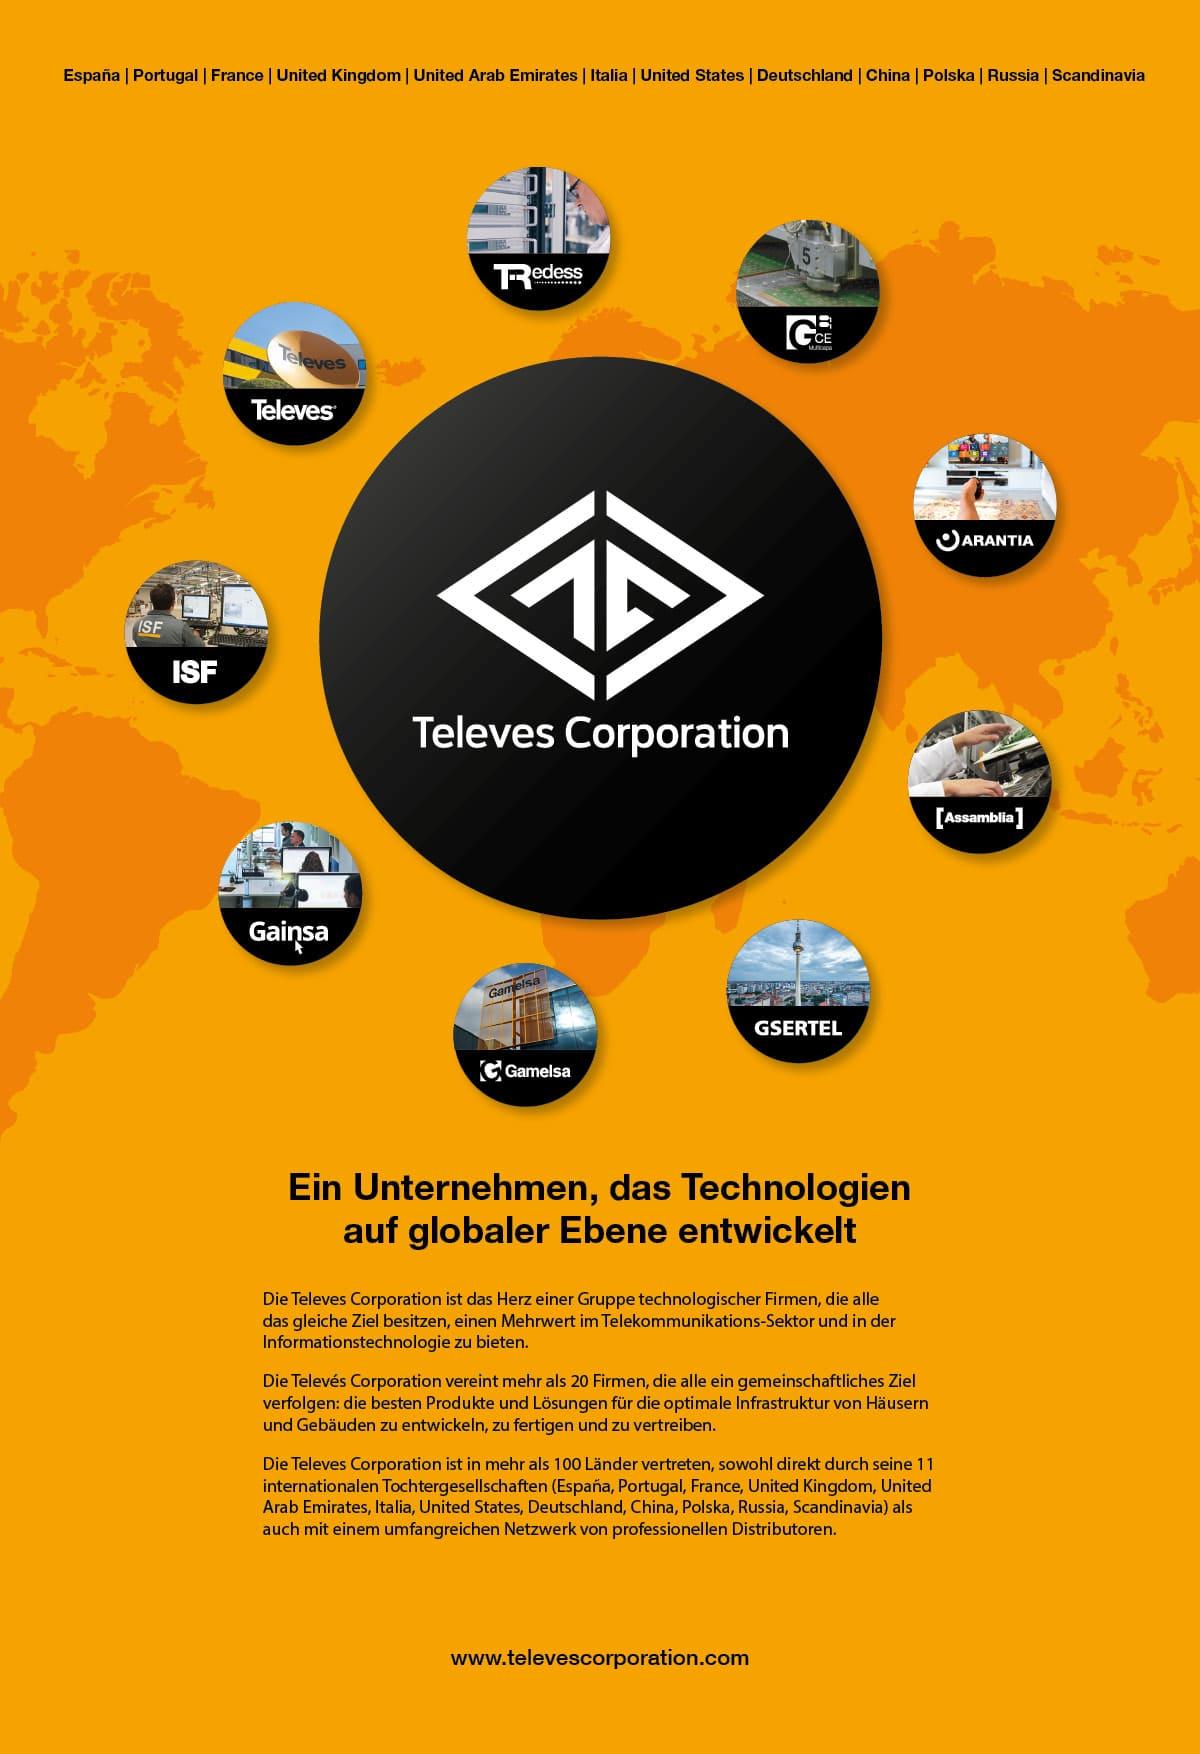 Televes Corporation, Ein Unternehmen, das Technologien auf globaler Ebene entwickelt